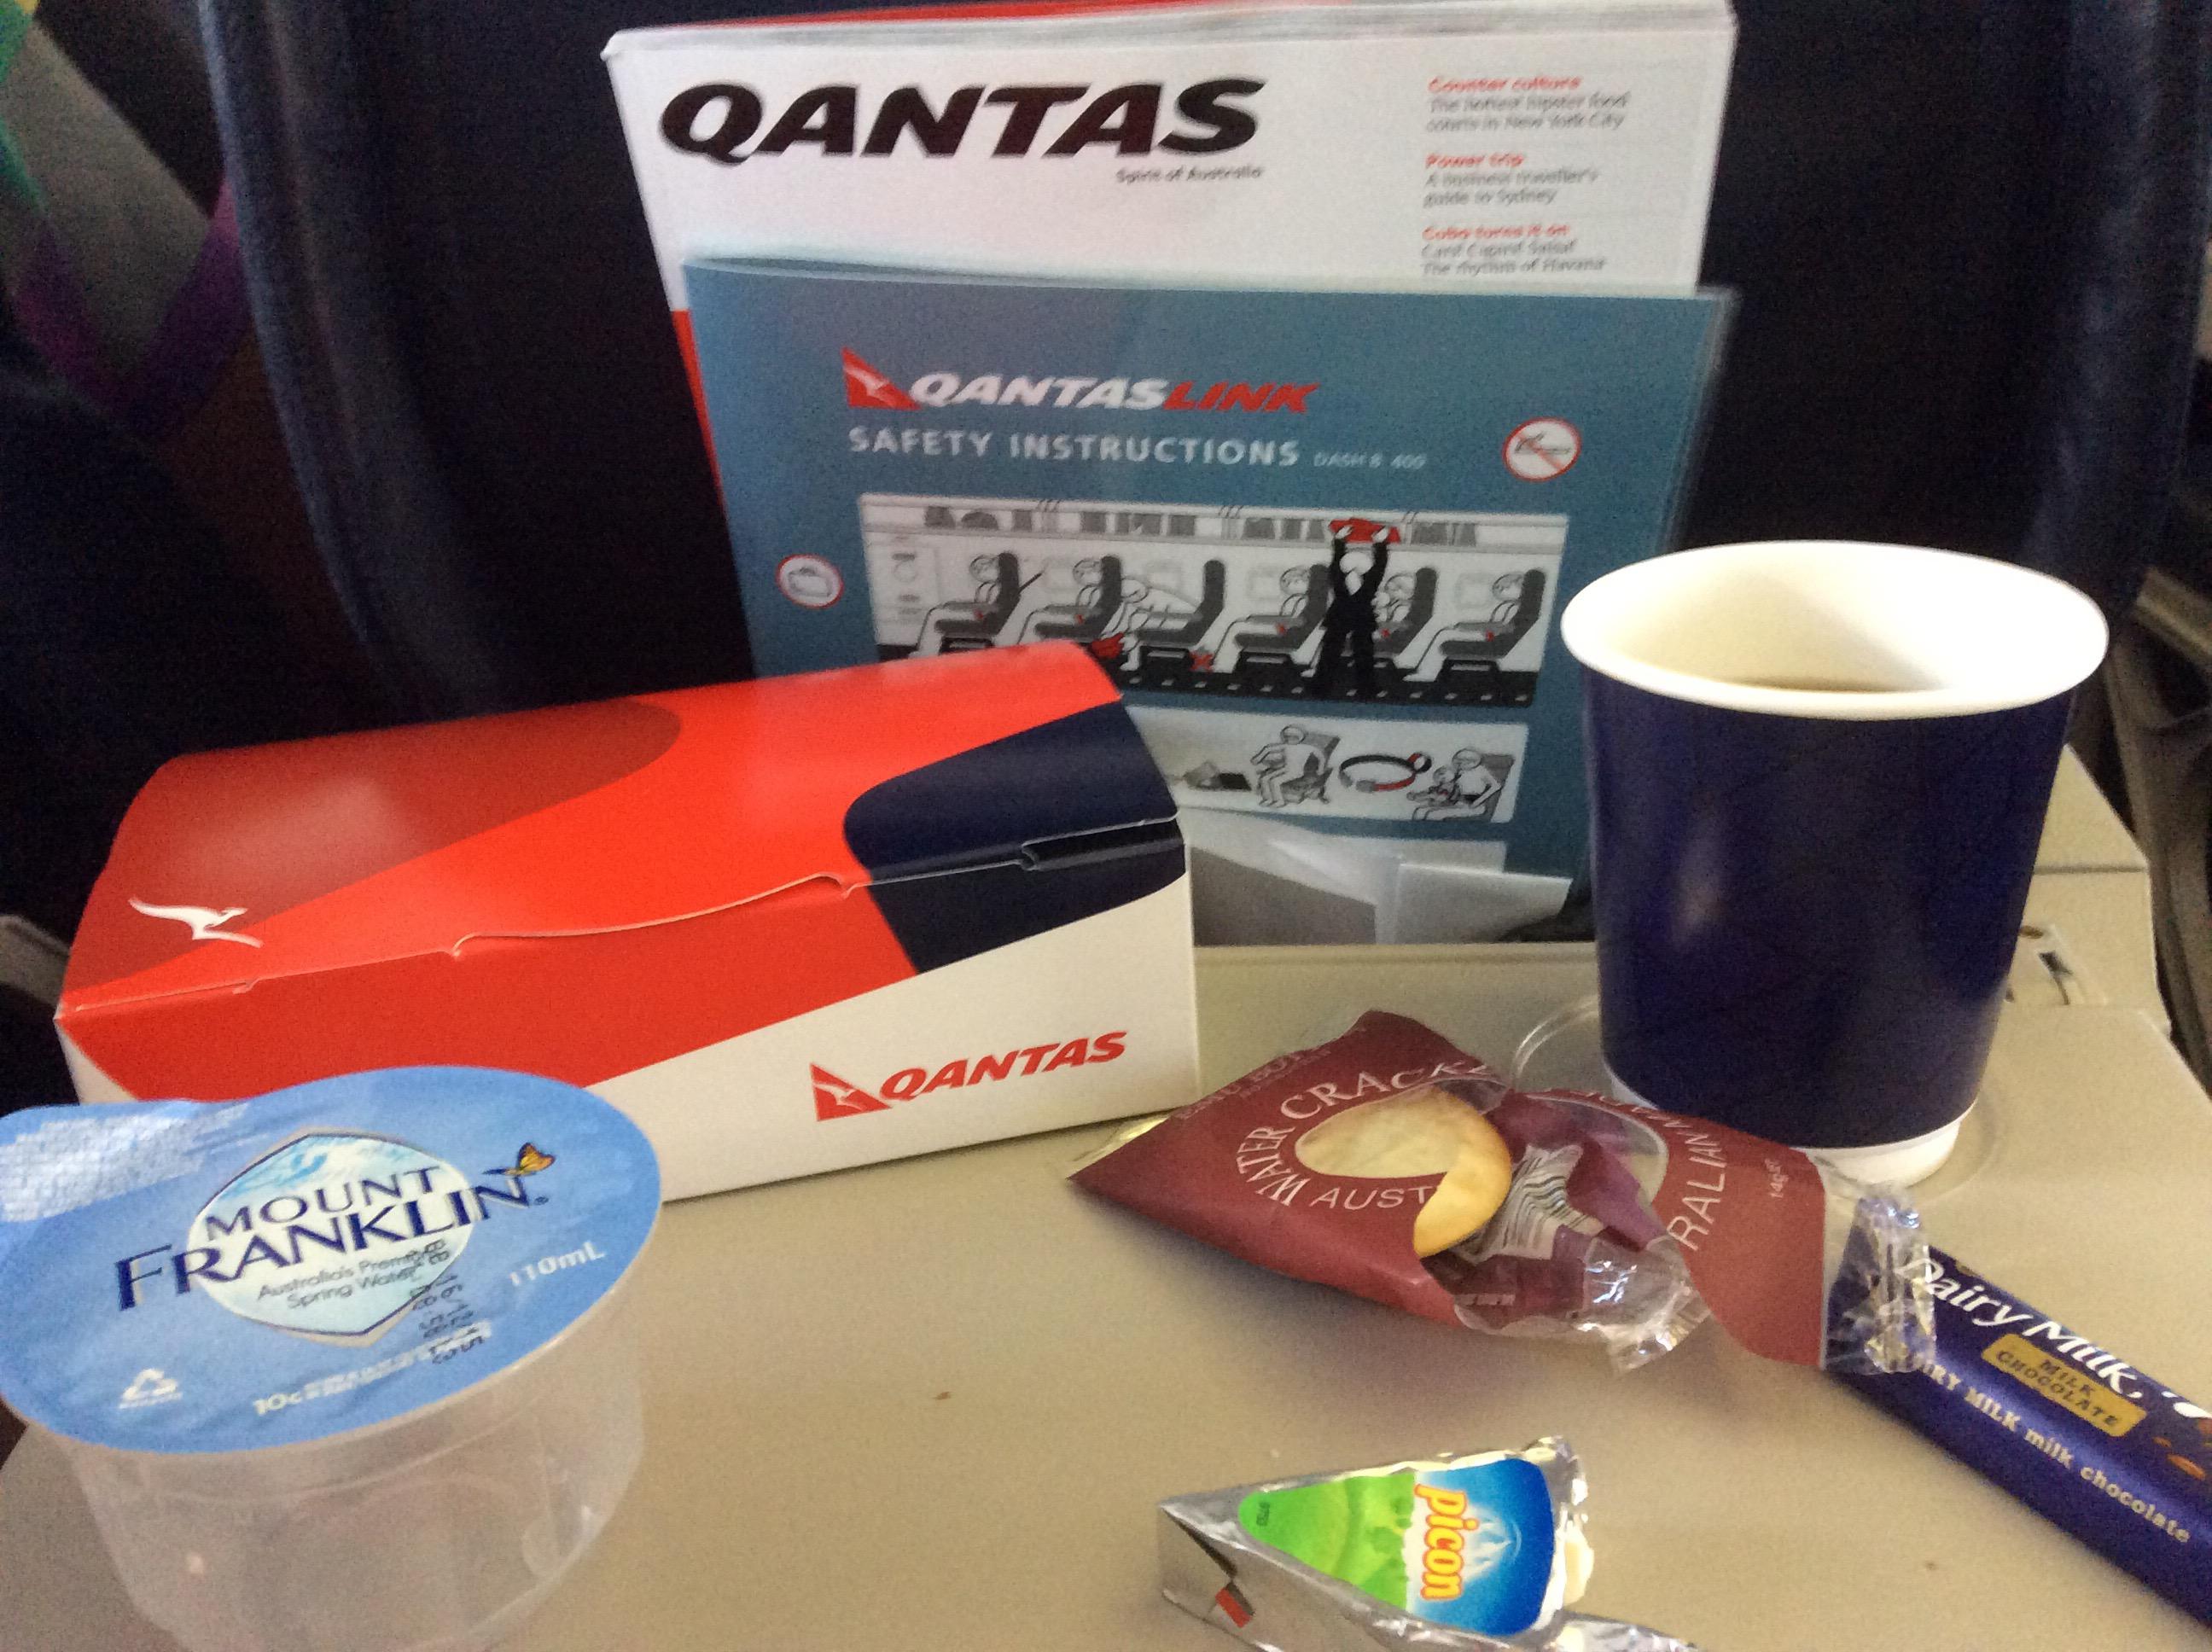 Qantaslink Cairns-Weipa,